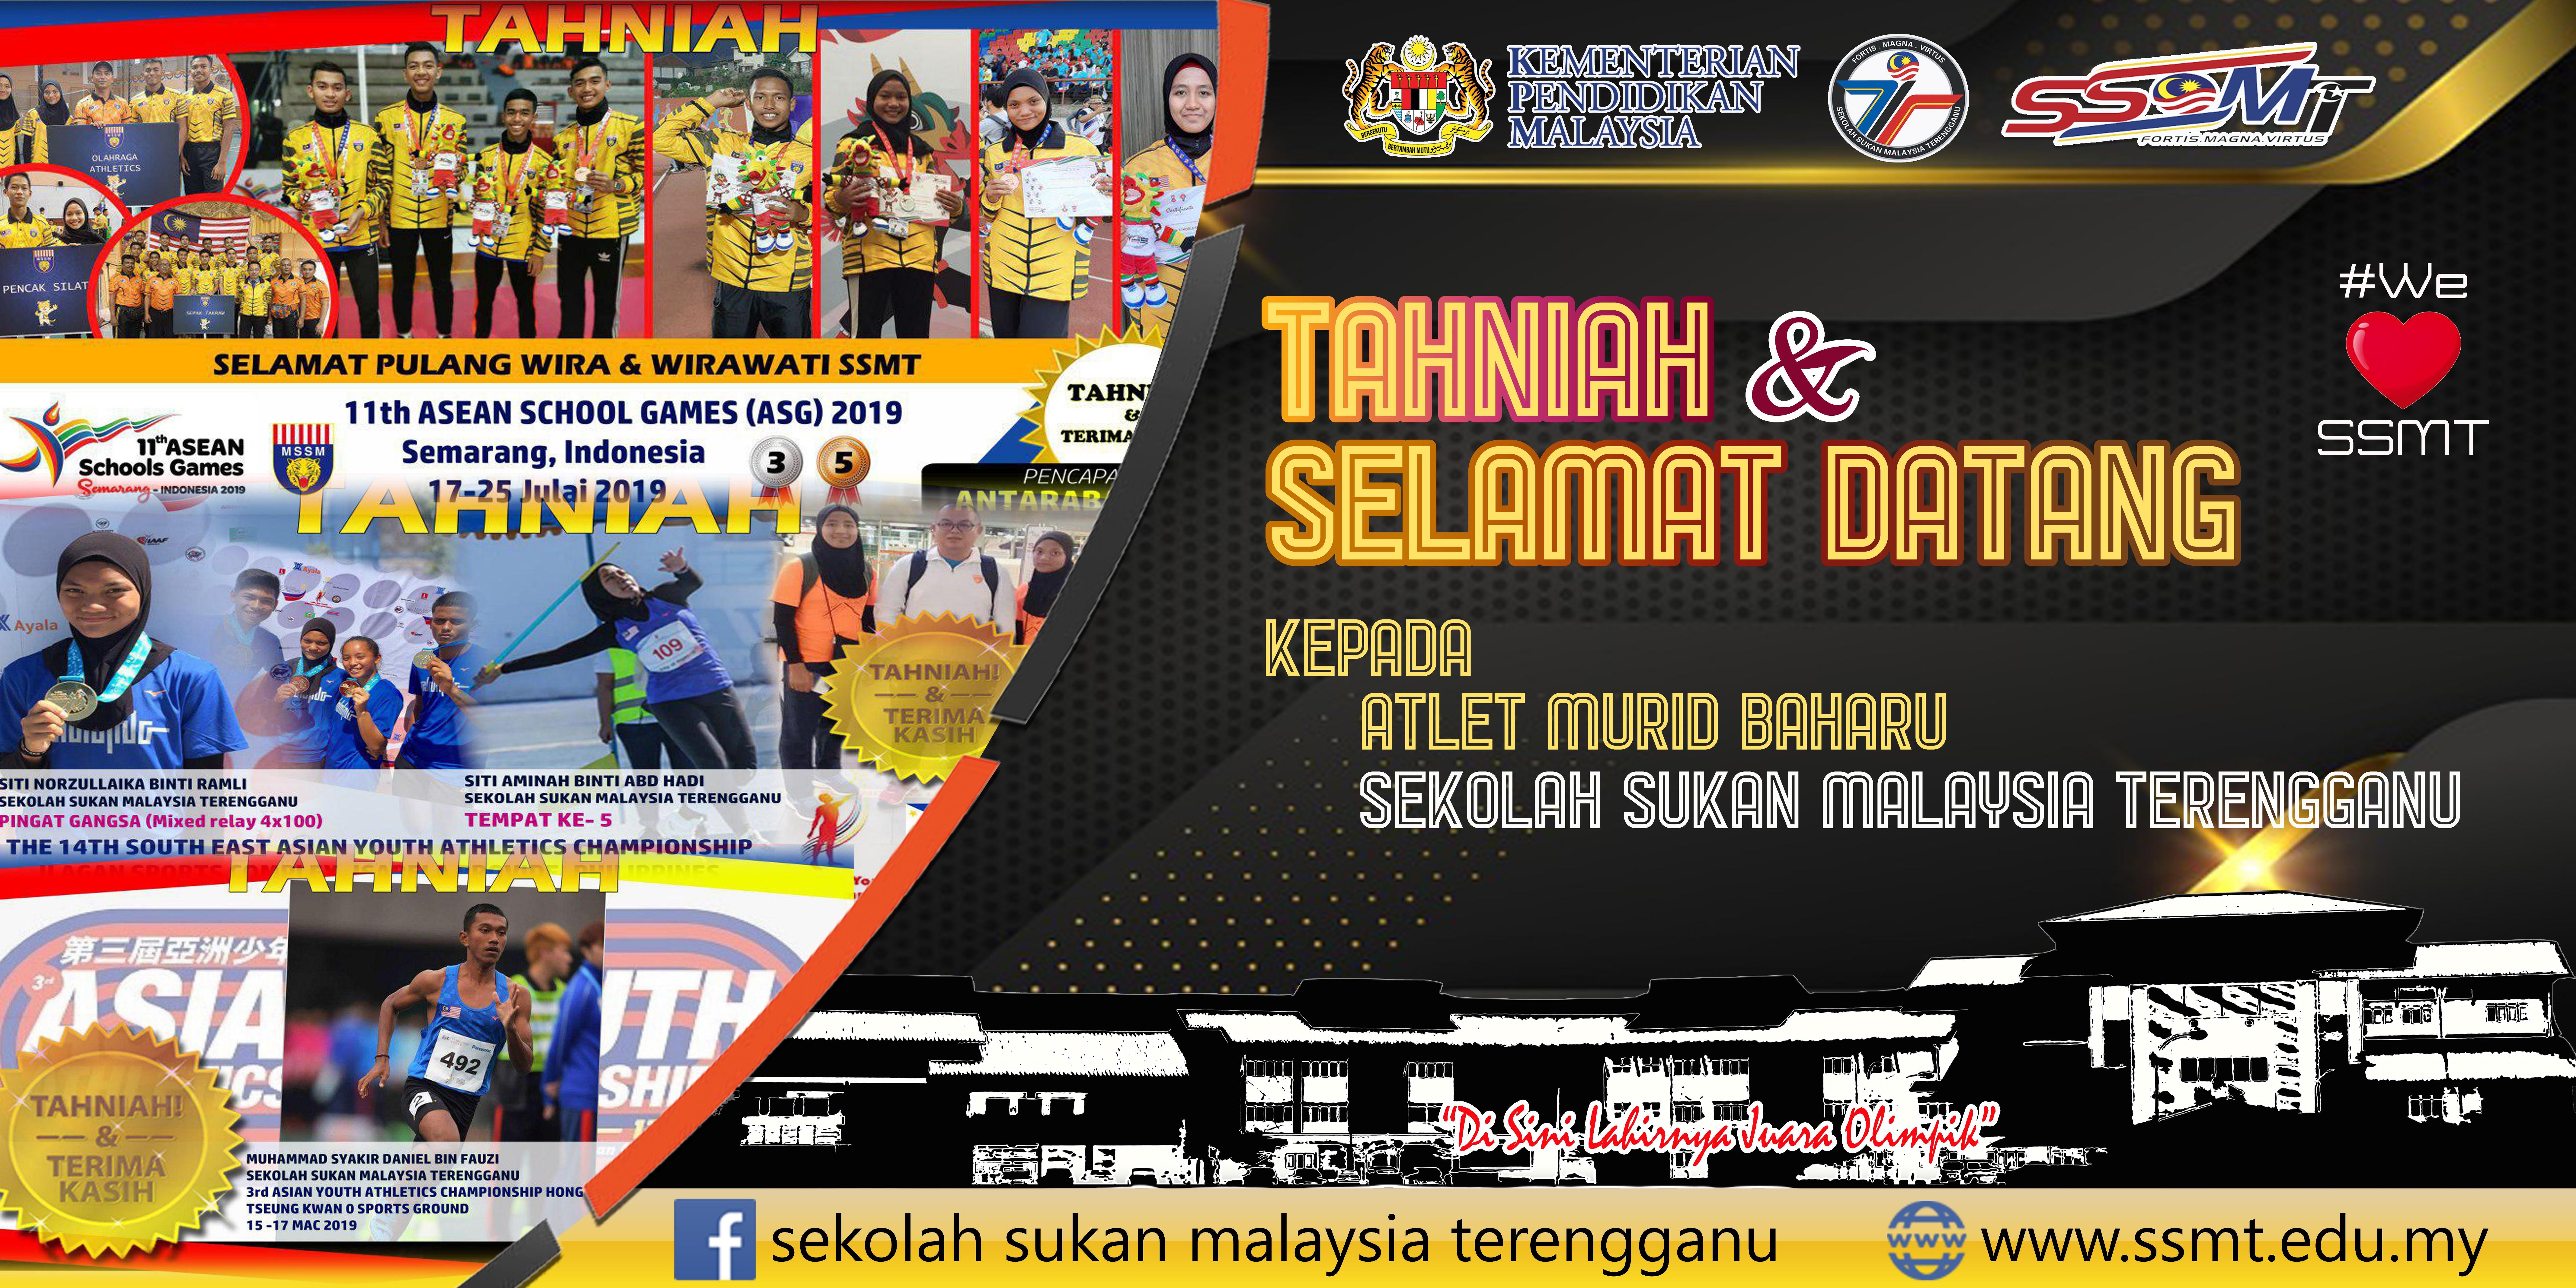 Ssmt Sekolah Sukan Malaysia Terengganu The Official Portal